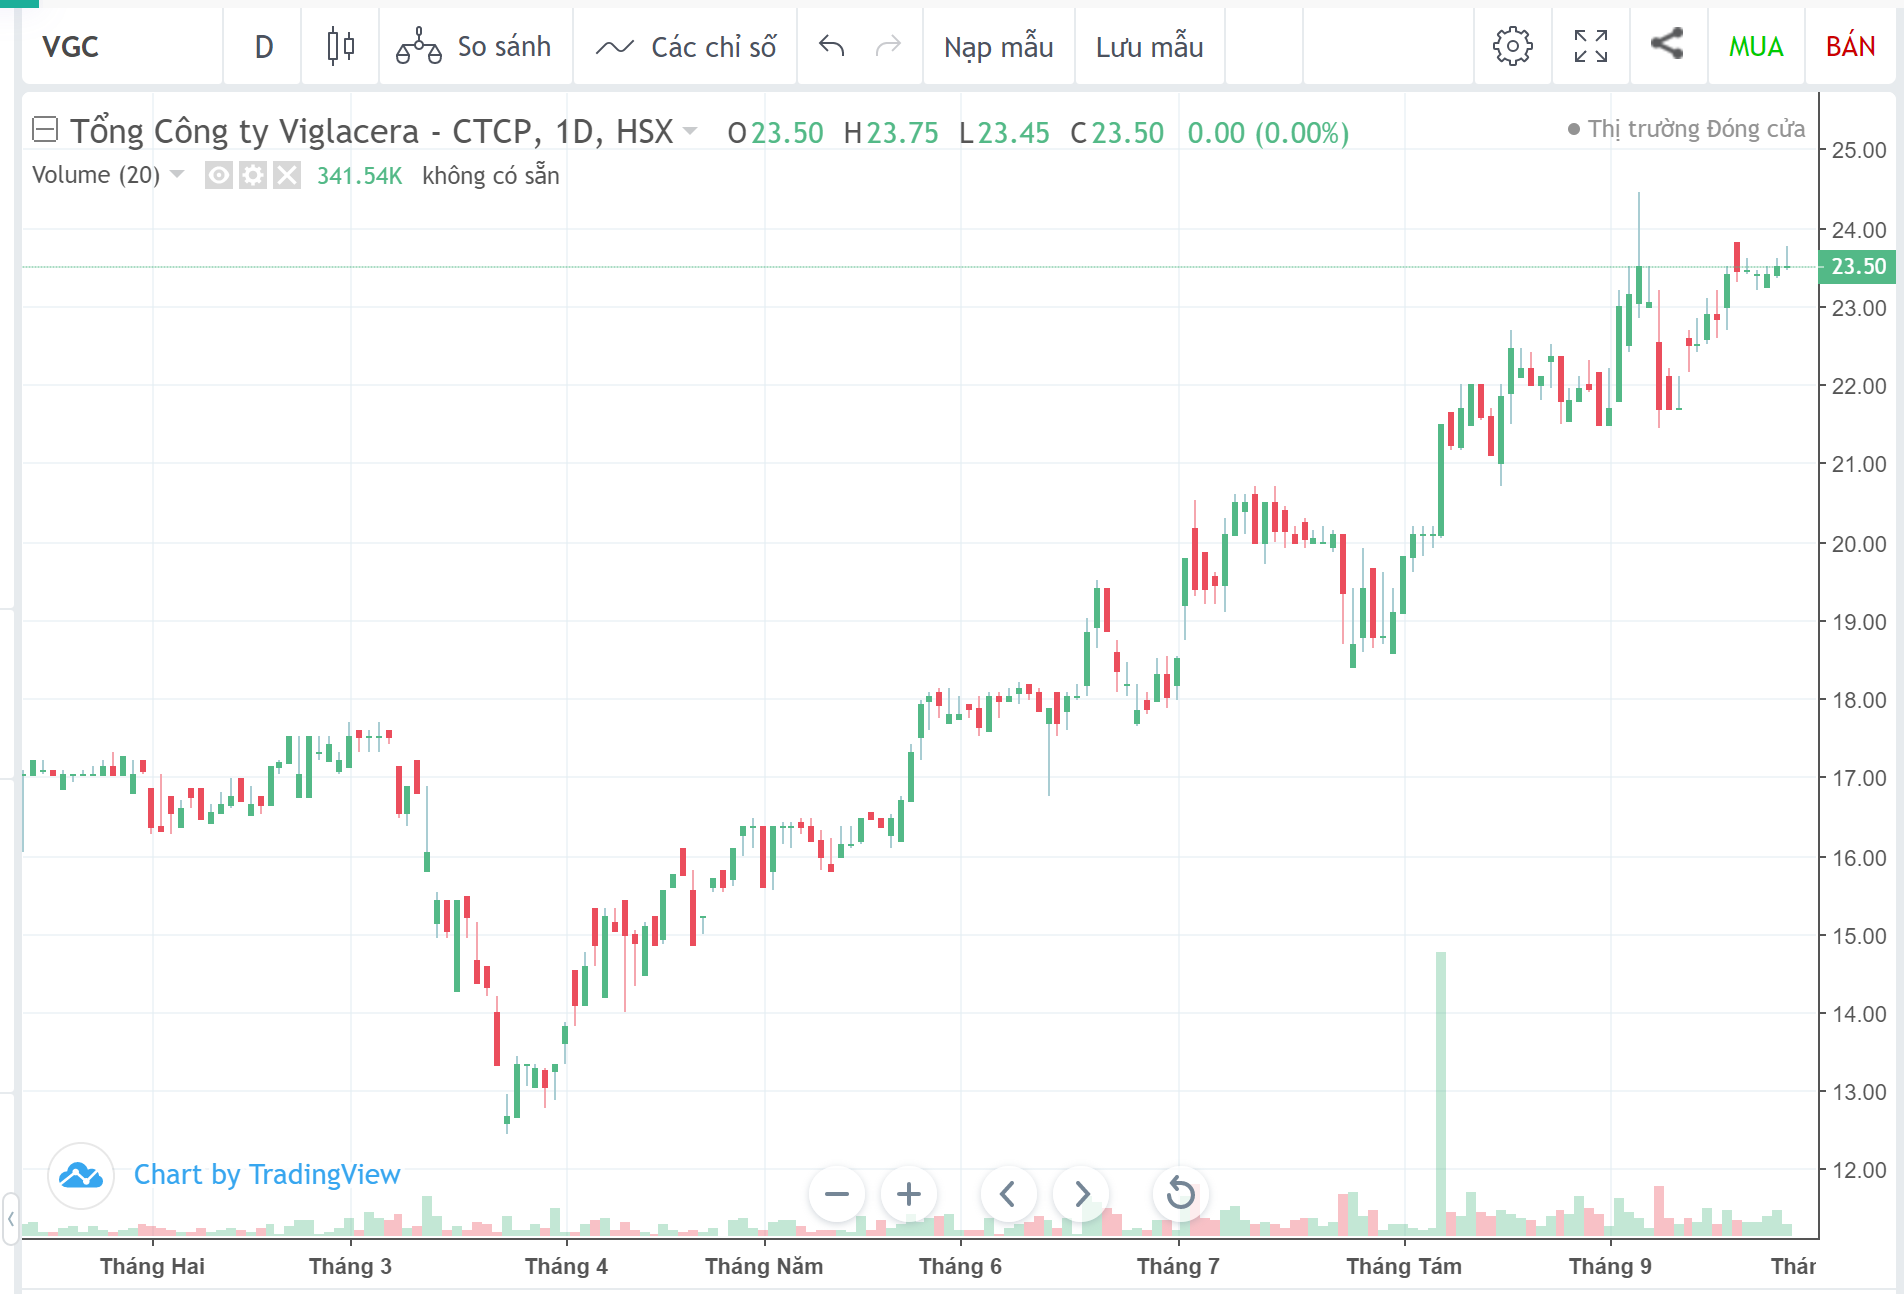 Cổ phiếu tâm điểm ngày 29/9: VGC, SBT, CEO - Ảnh 2.